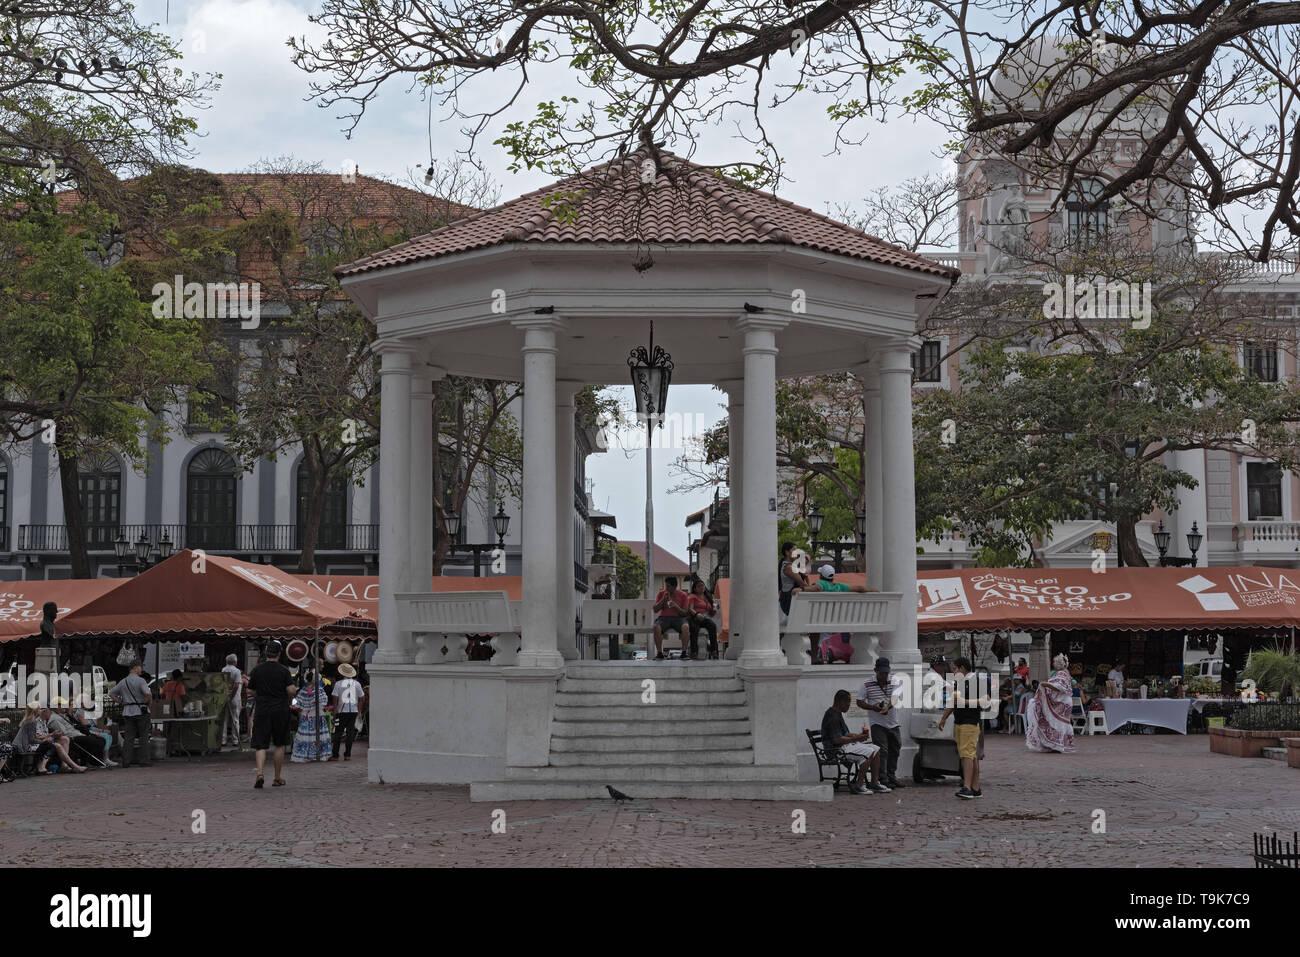 Gabbie di souvenir e il pavilion sulla Plaza de la Independencia, Casco Viejo, quartiere storico della città di Panama Immagini Stock